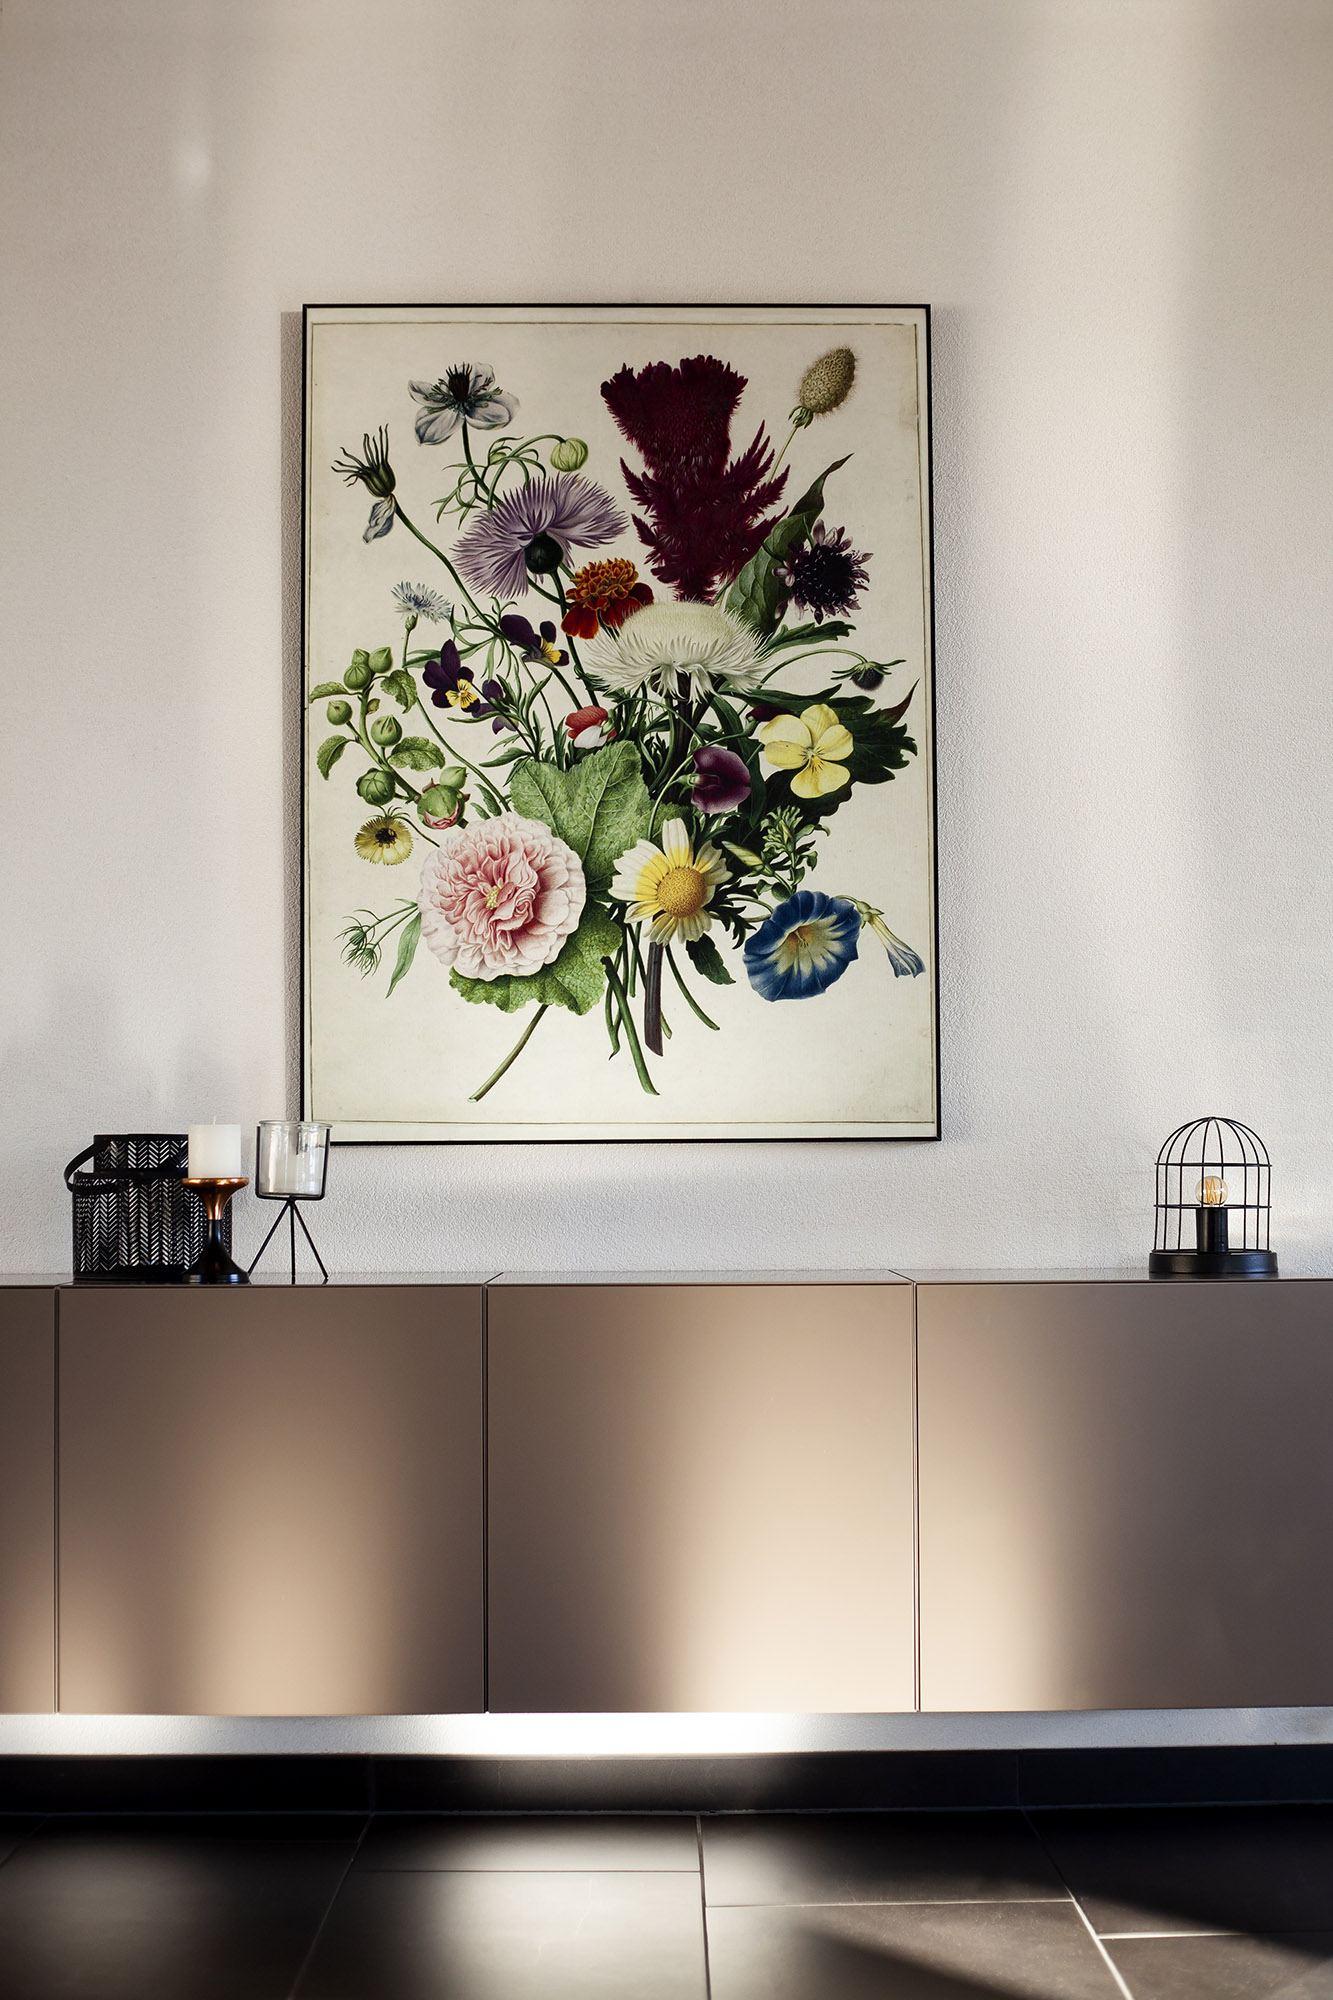 Geluidsabsorberend schilderij mooi voor in huis